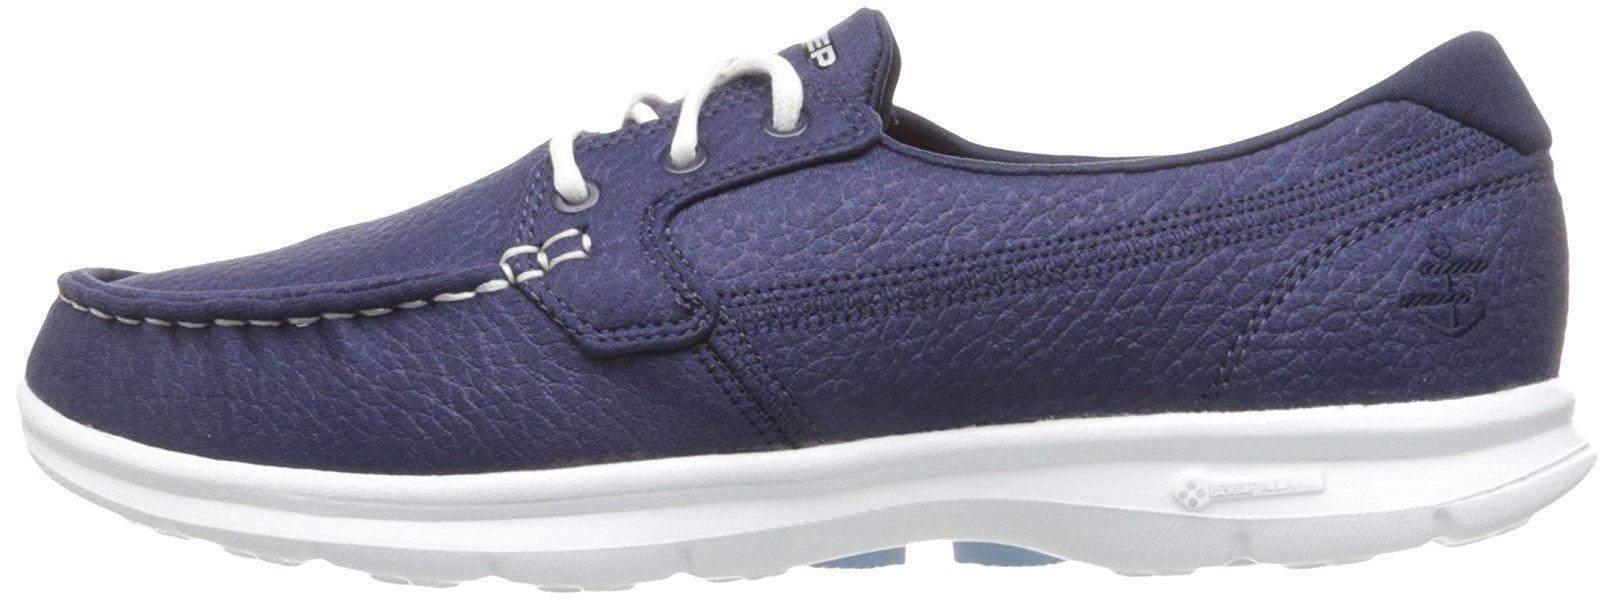 Skechers Go Step Lite, Entrenadores para Mujer, Azul (Navy/Lt. Blue), 38 EU